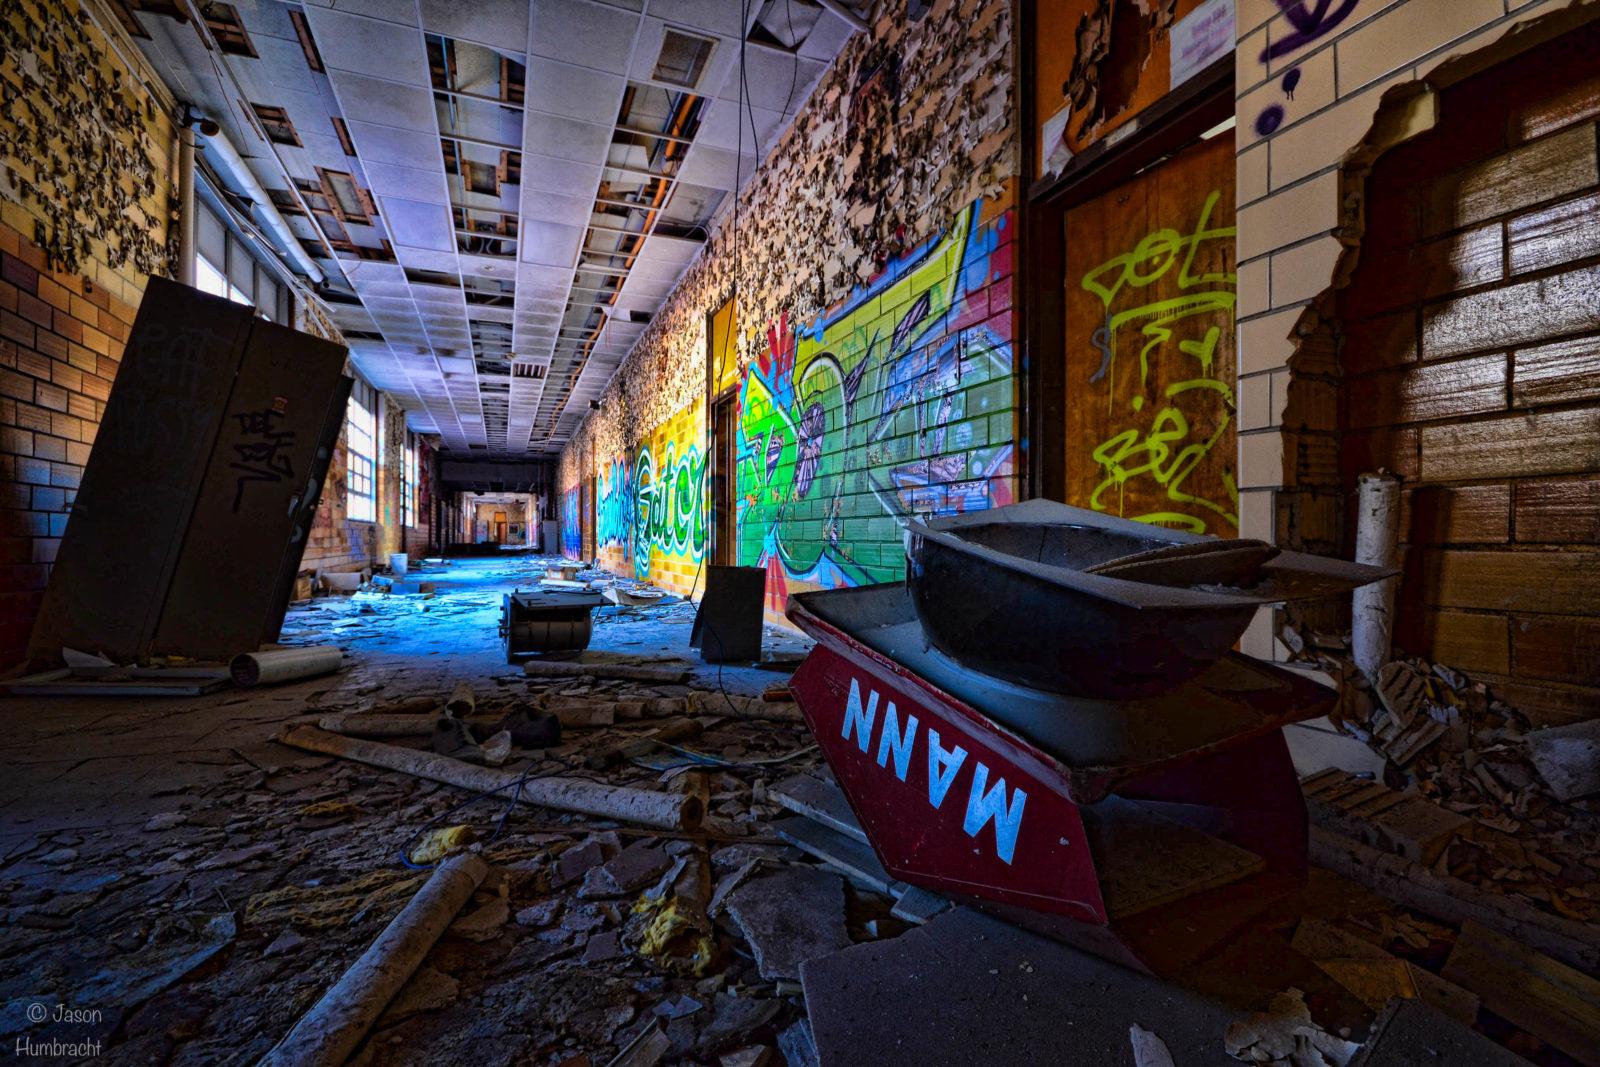 rentreescolaire lycee lieuxabandonnes urbex explorationurbaine radar allurbanmakers highschool amphitheatre jhumbracht couloir - De la maternelle à la fac, découvrez les plus belles écoles abandonnées !